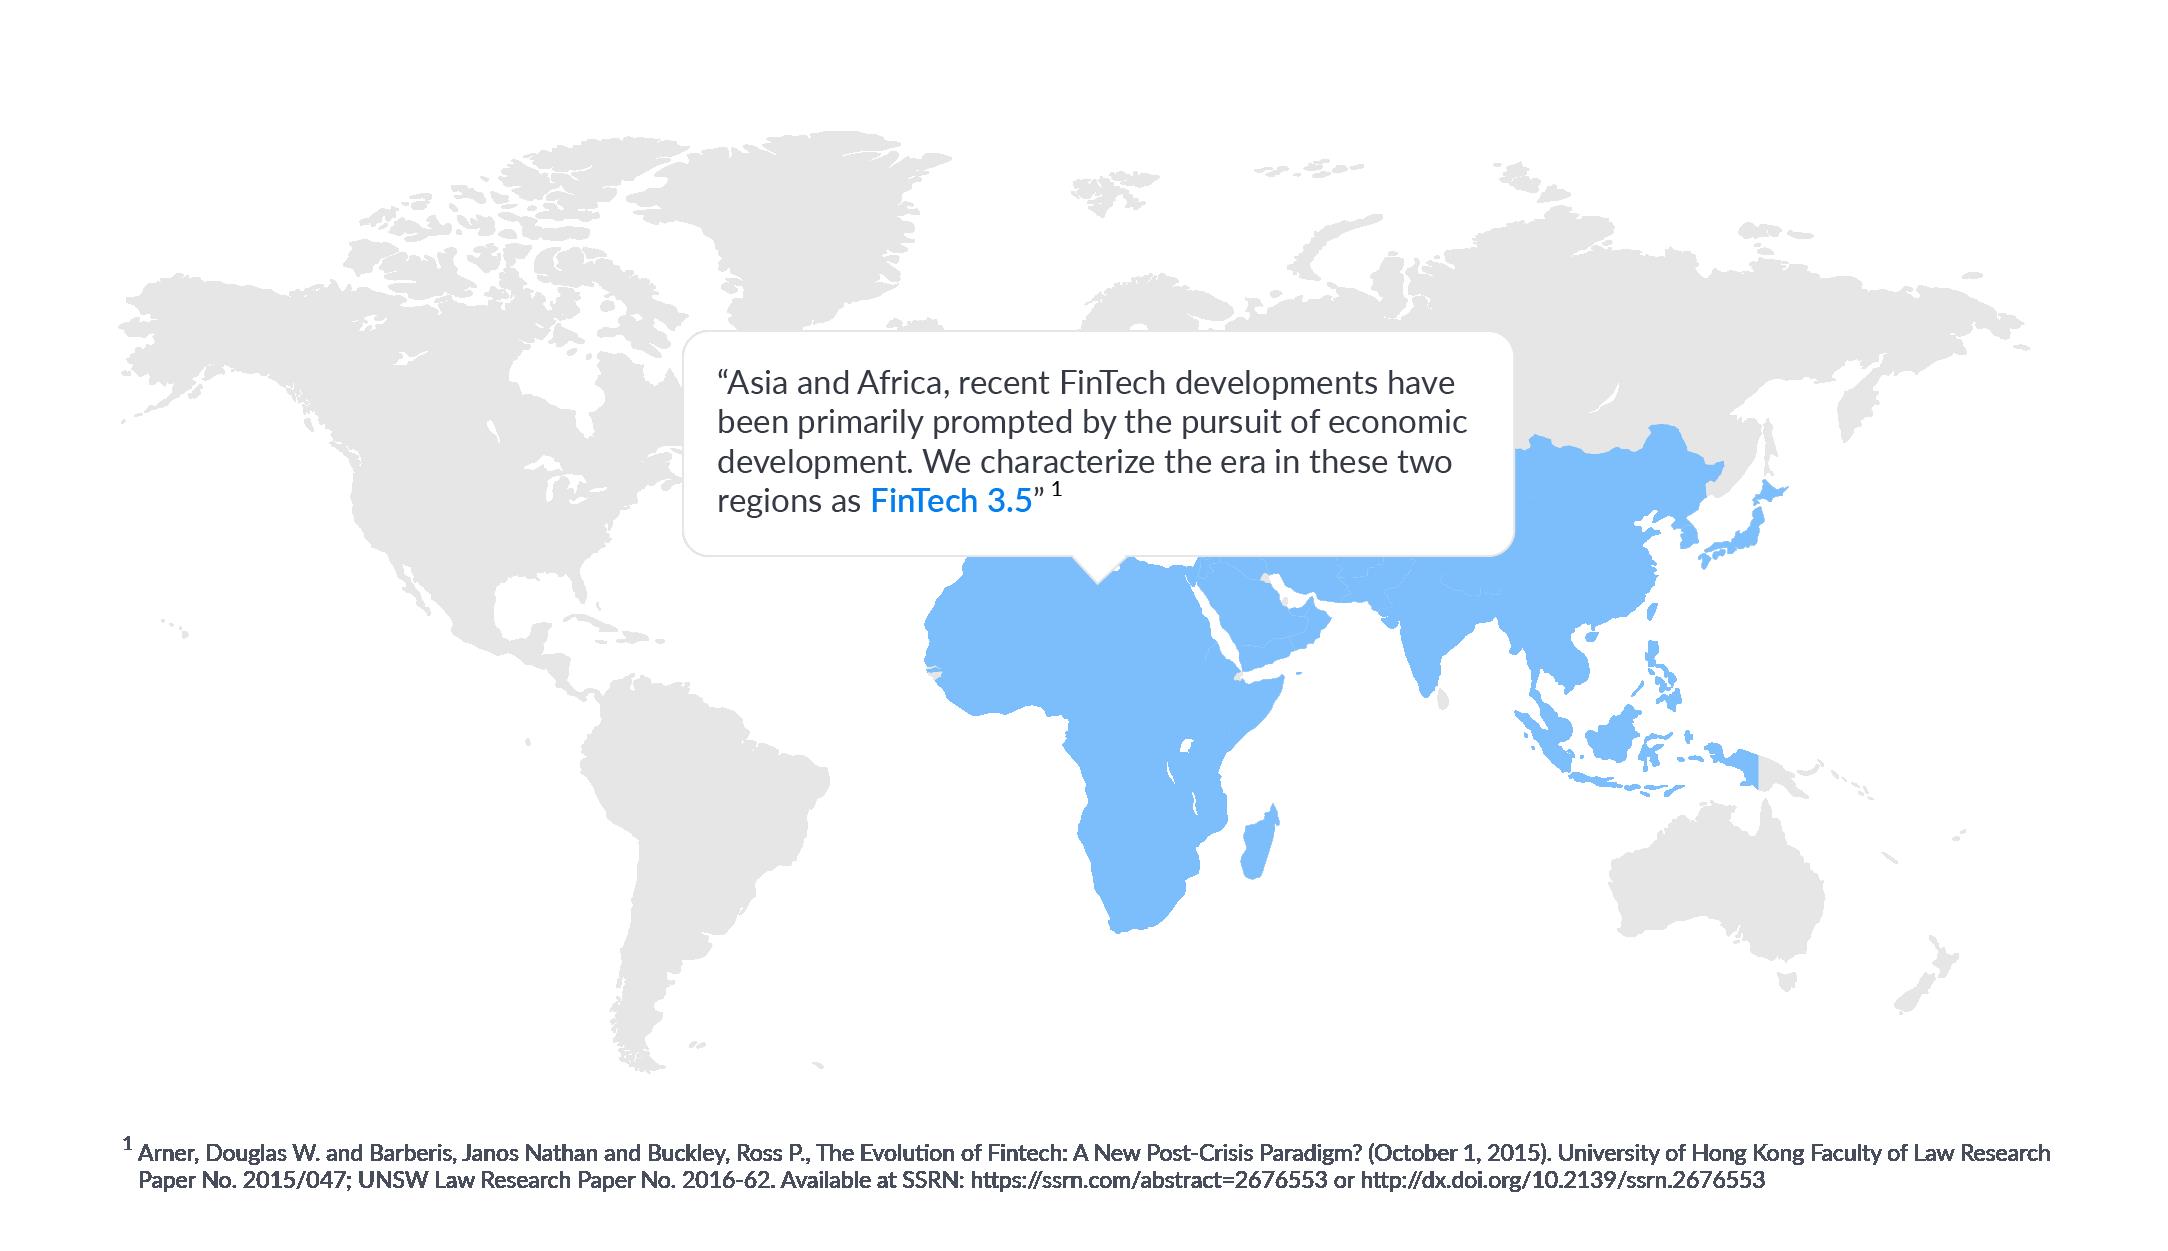 fintech map economic development africa asia